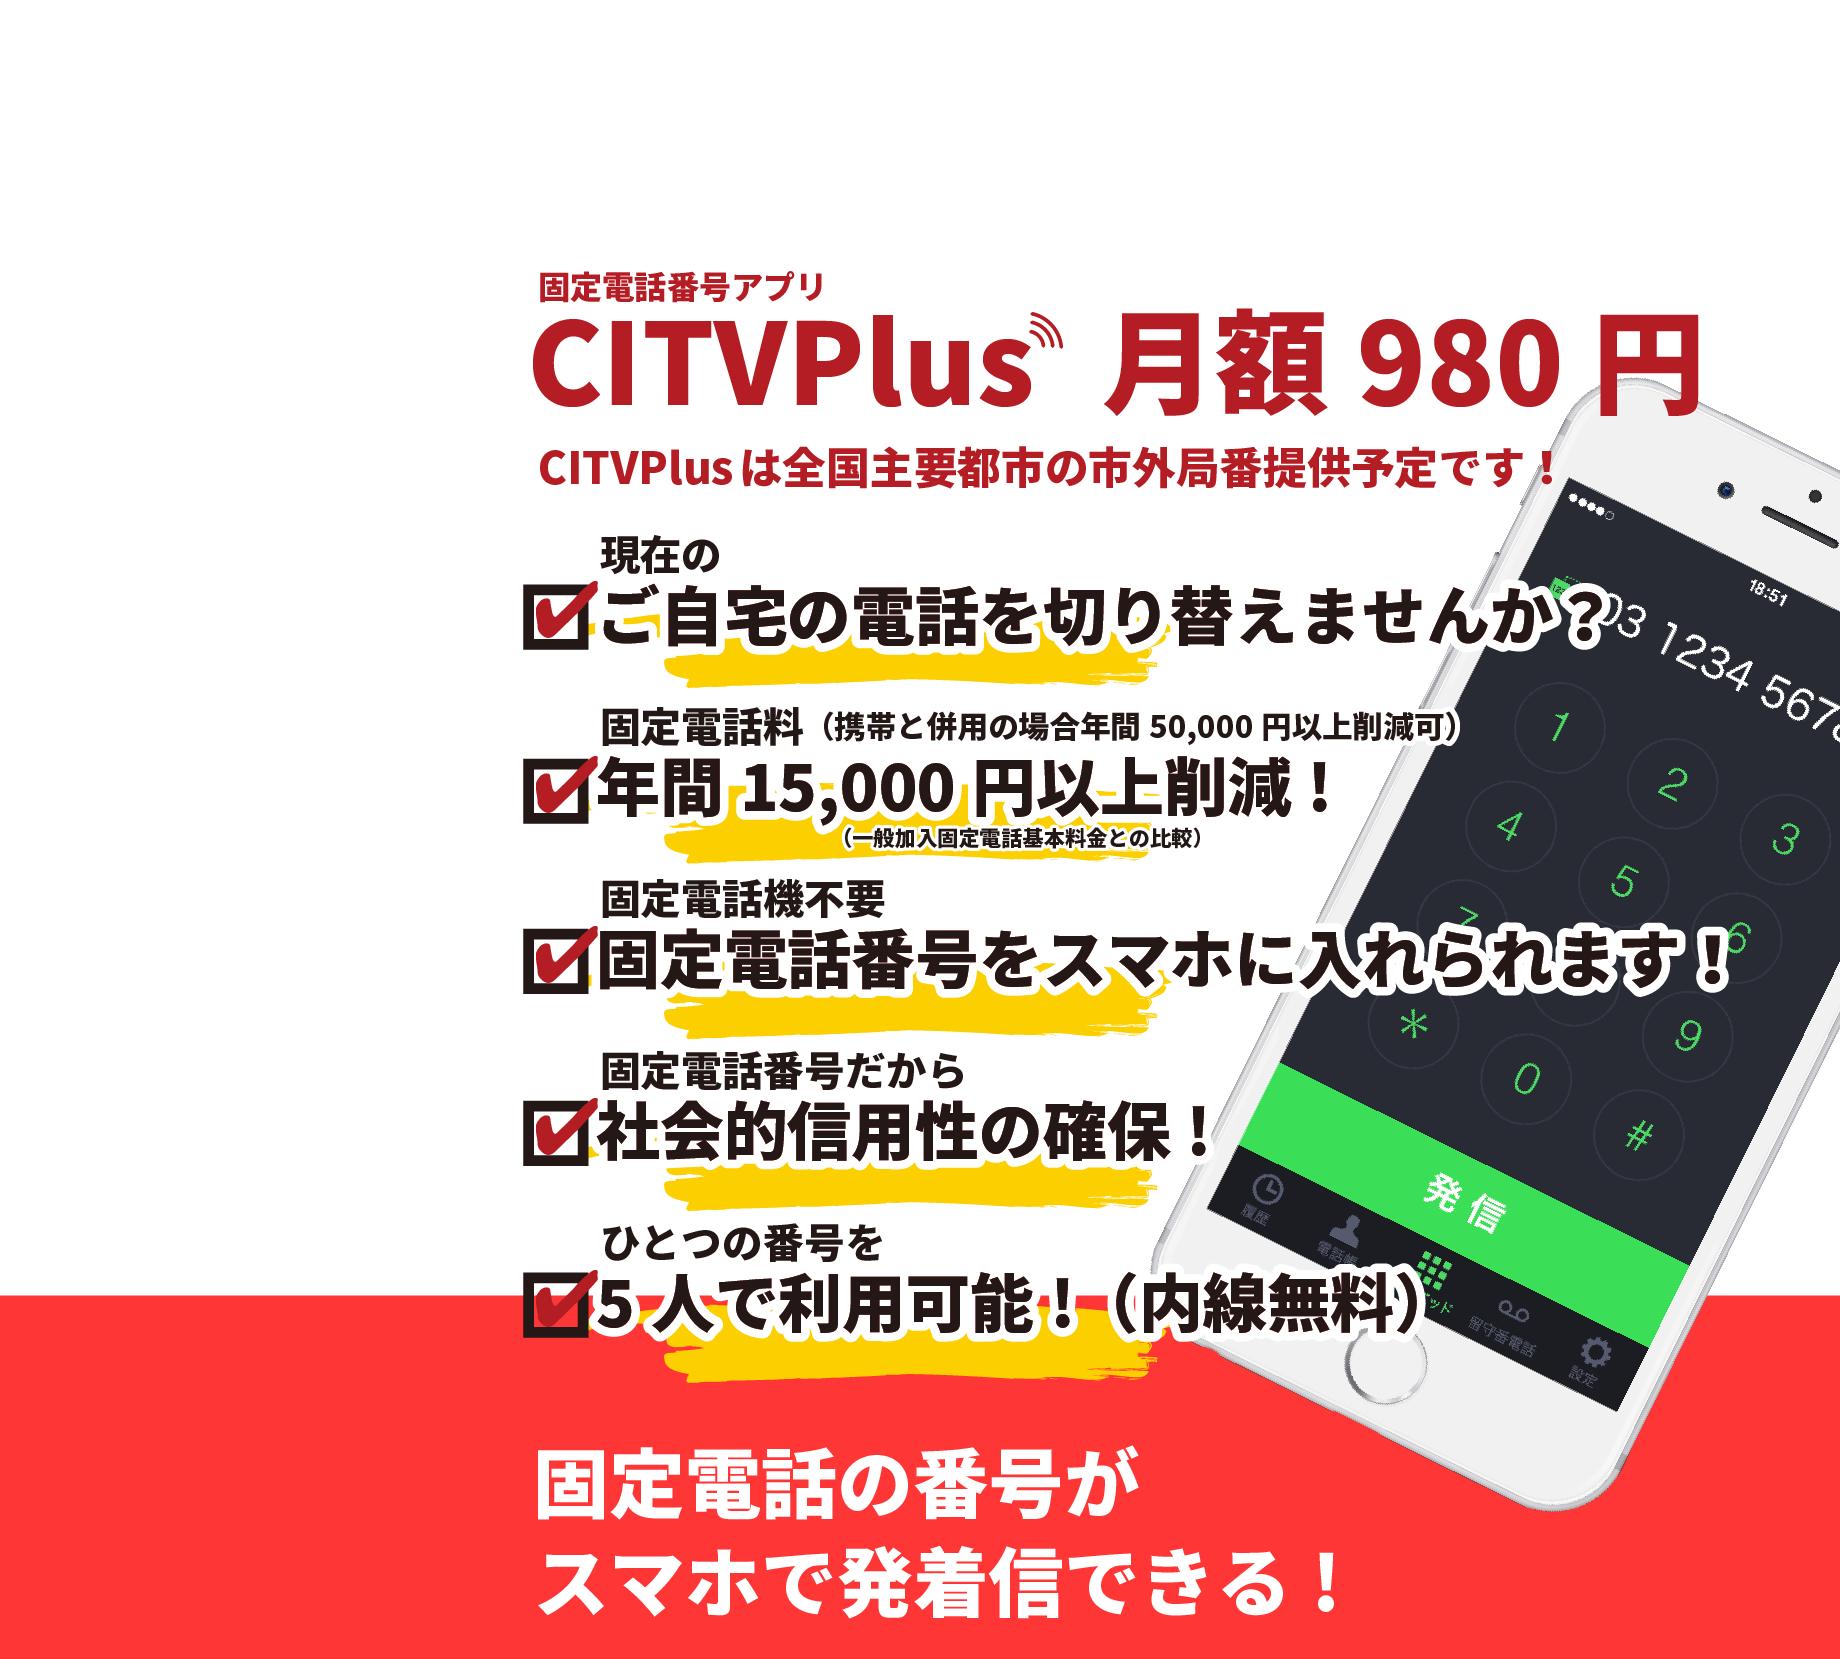 スマホで市外局番が利用可能!CITVPlus